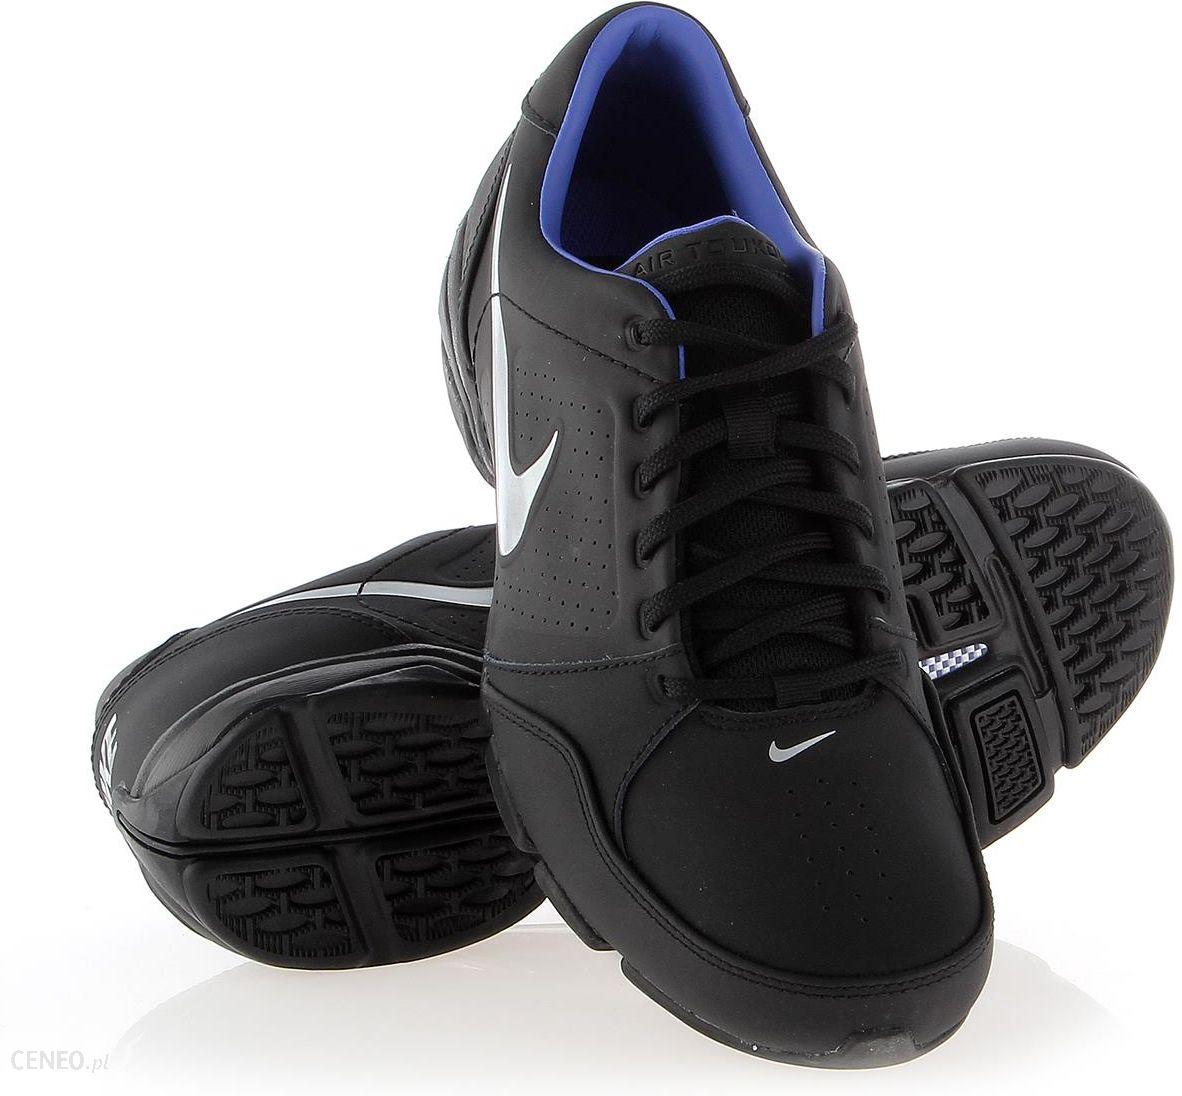 Nike Air Toukol Iii 525726 014